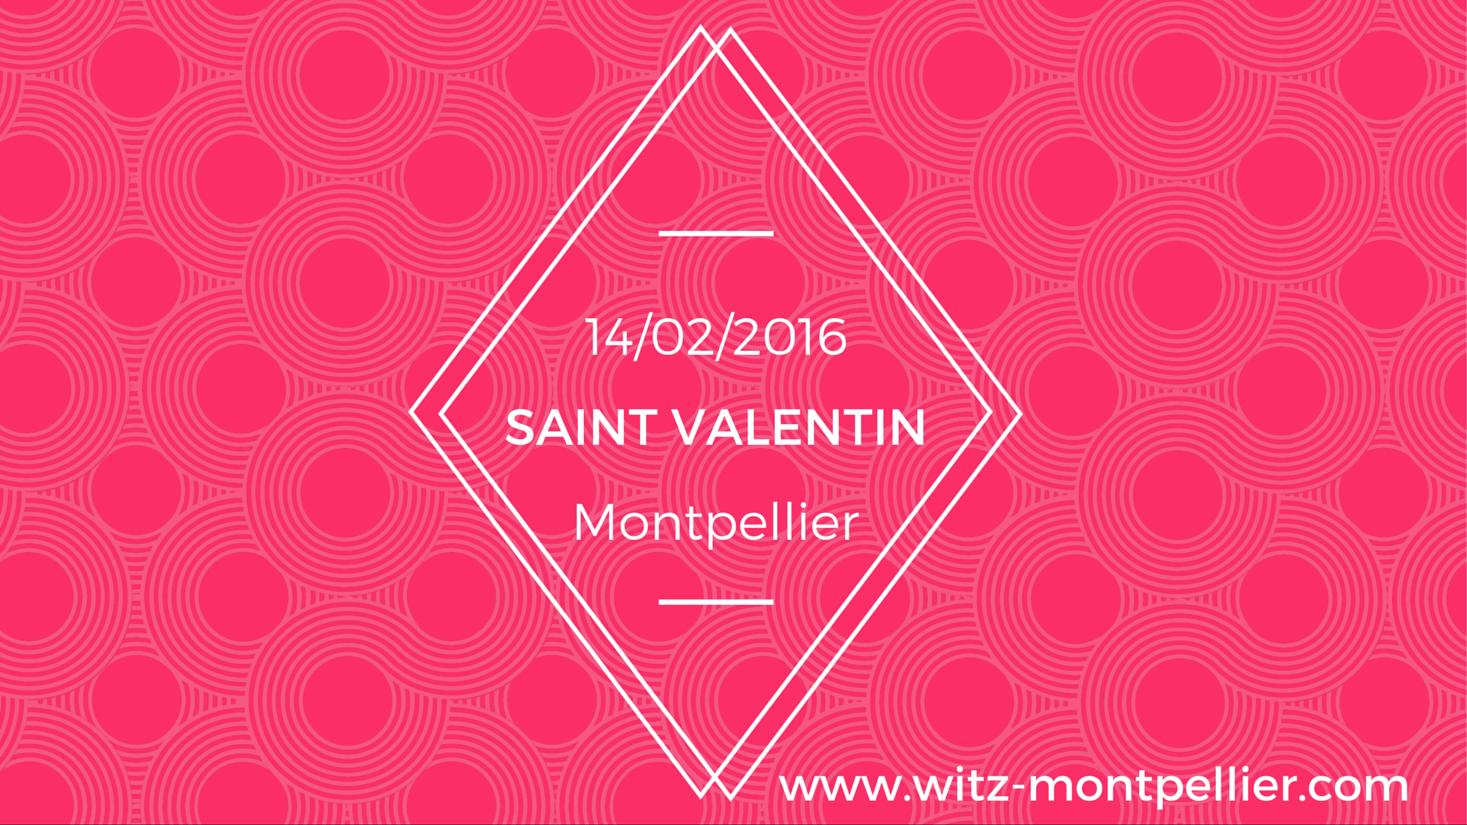 Comment passer une Saint-Valentin parfaite à Montpellier ?